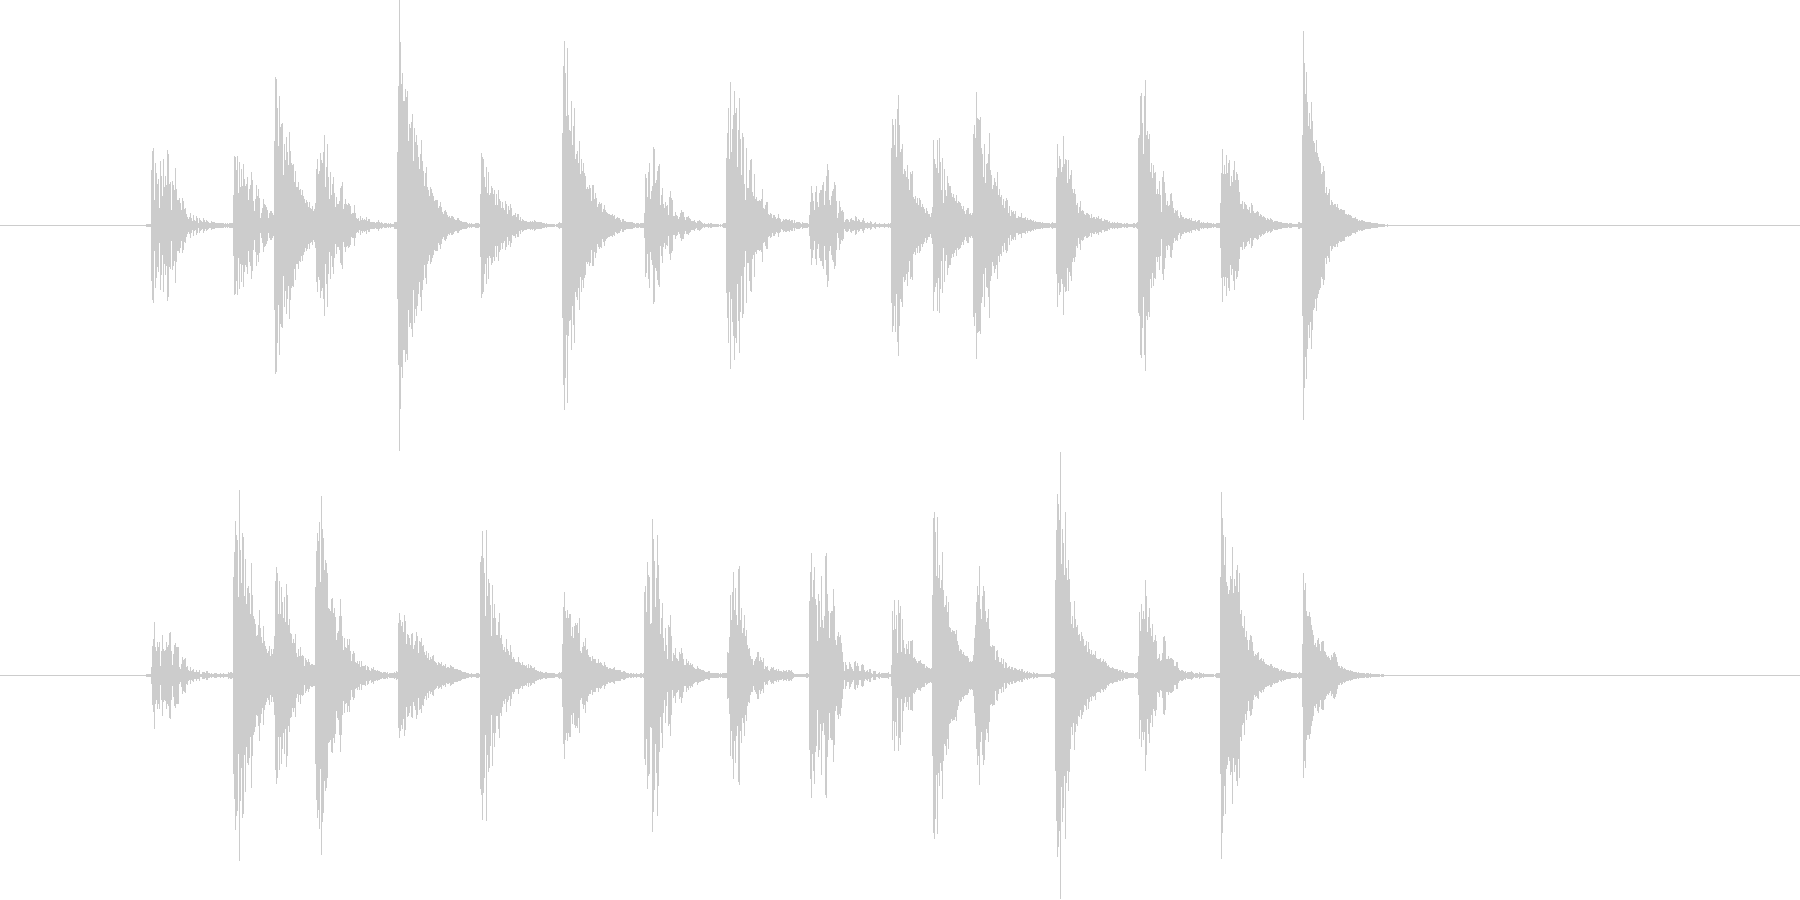 シリアスなテクノ音(宇宙、ミステリー)の未再生の波形